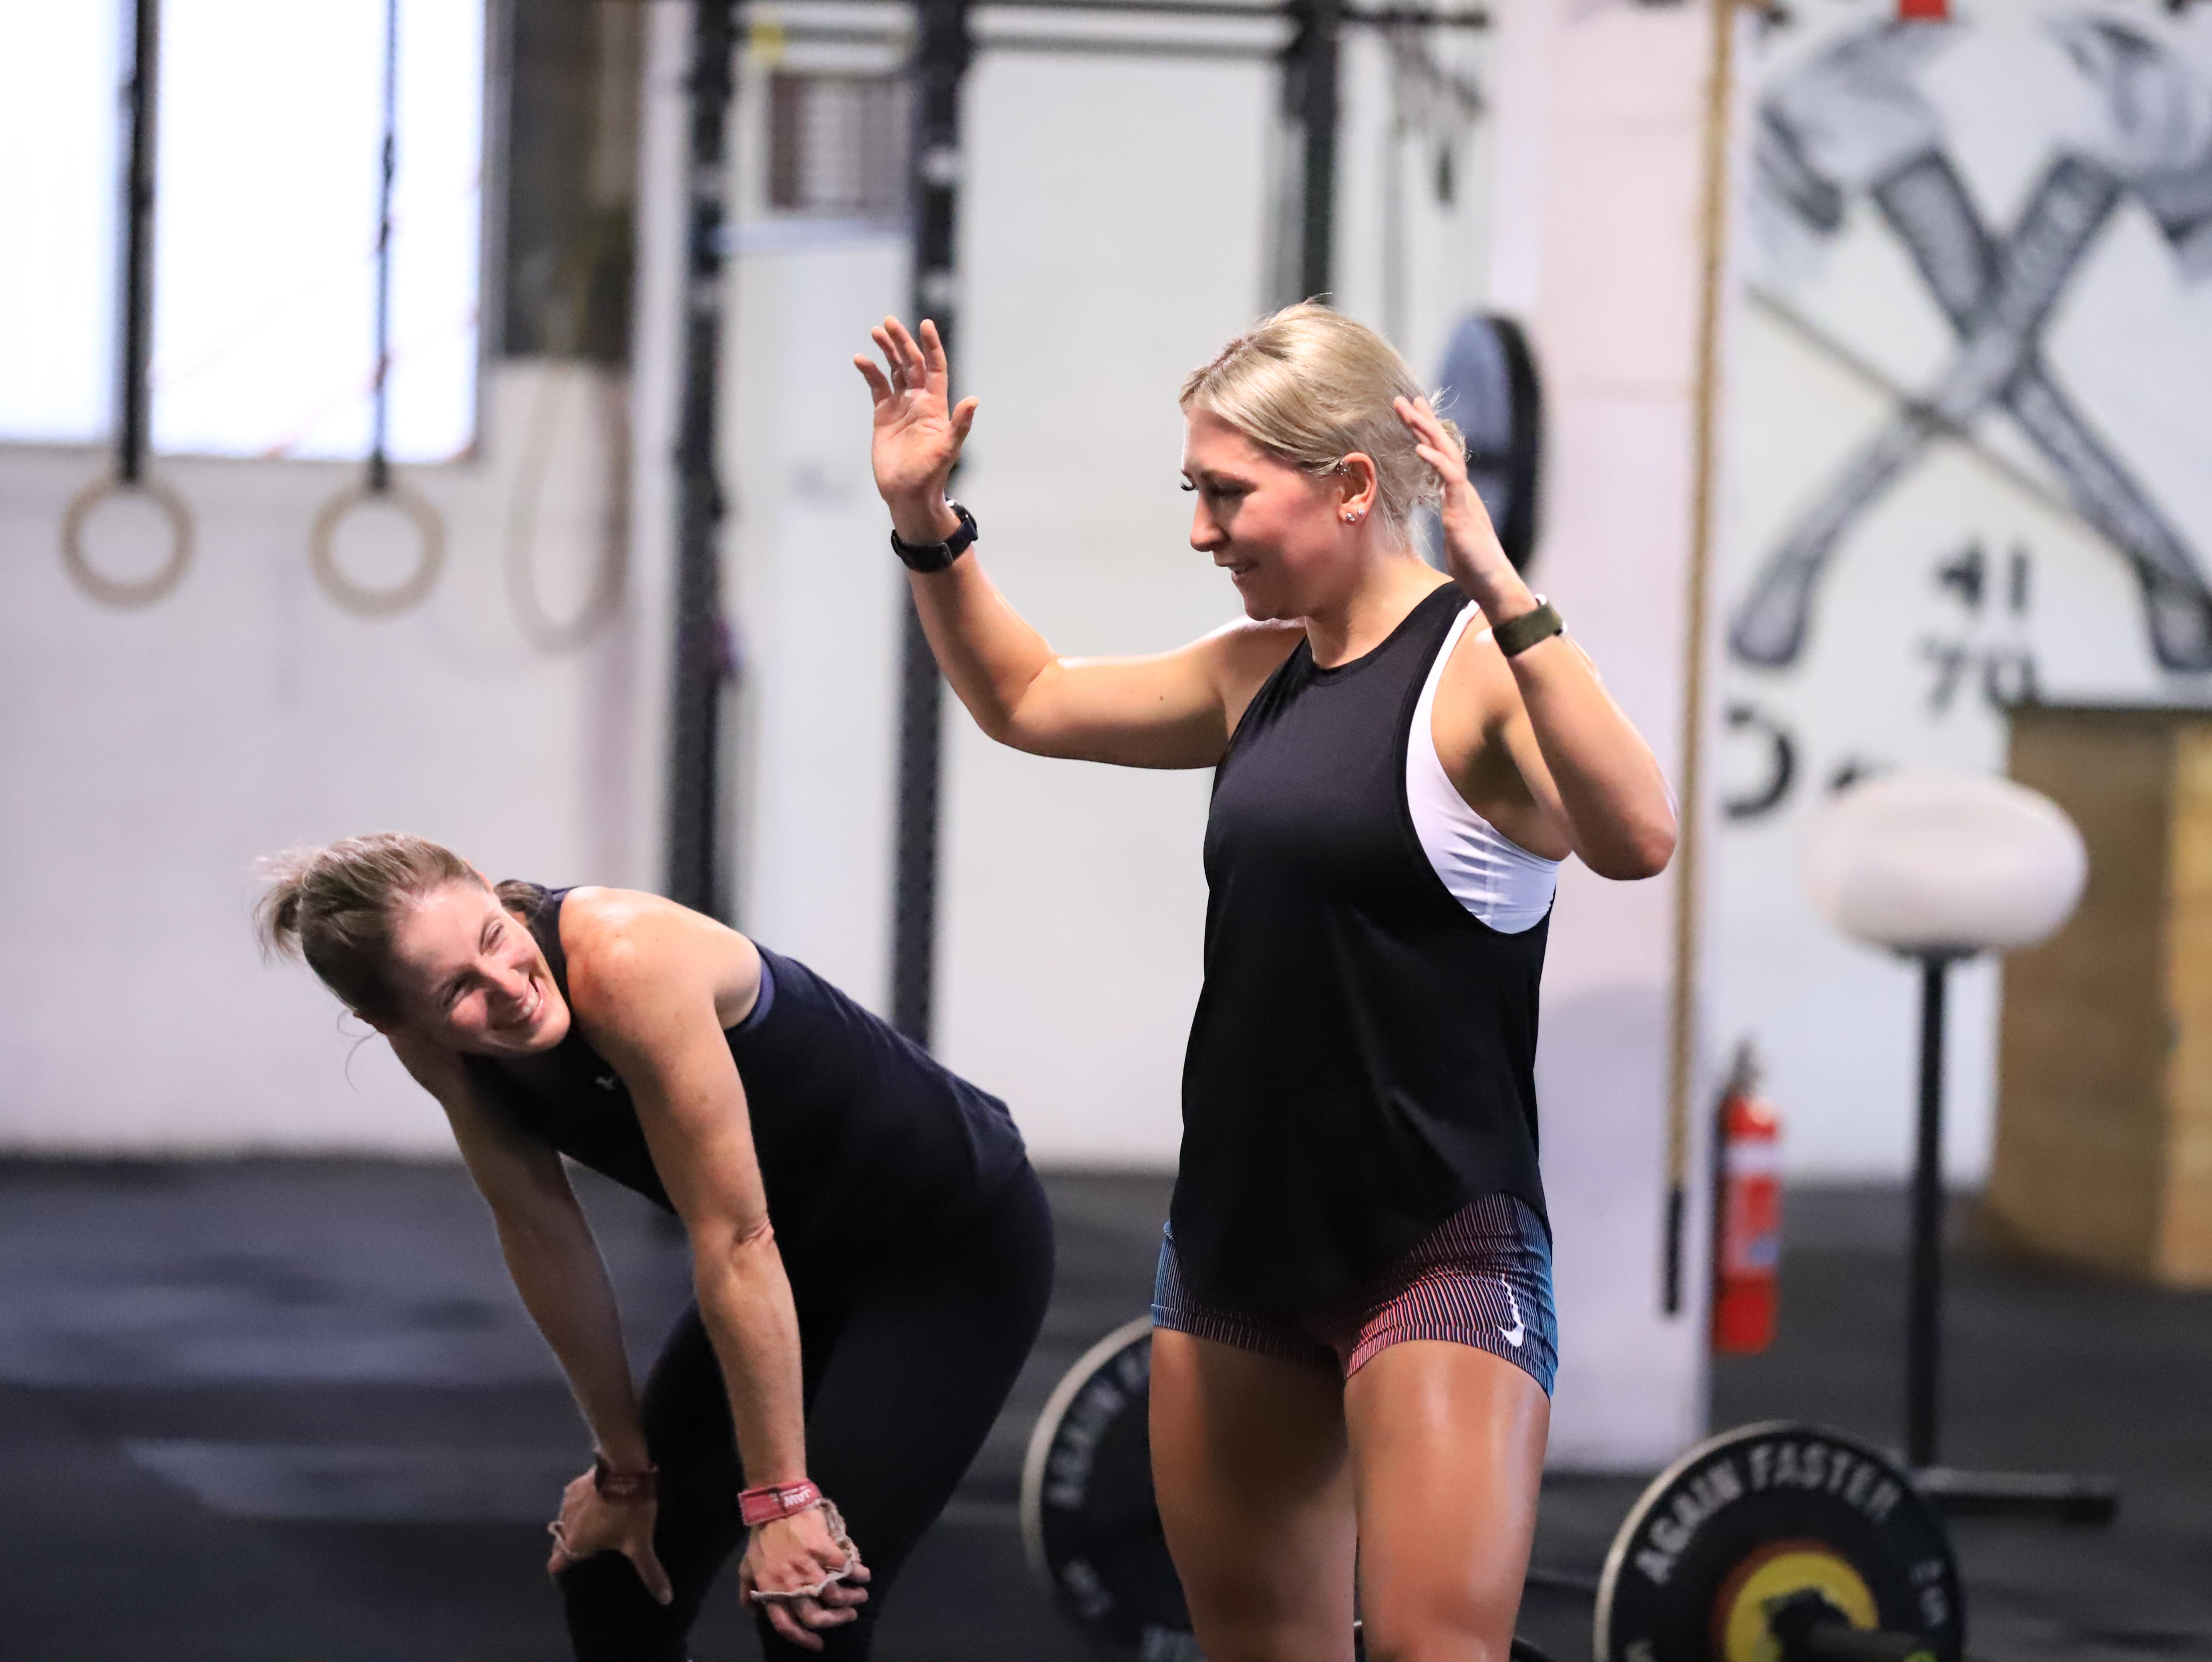 Start here - No Sweat Intro